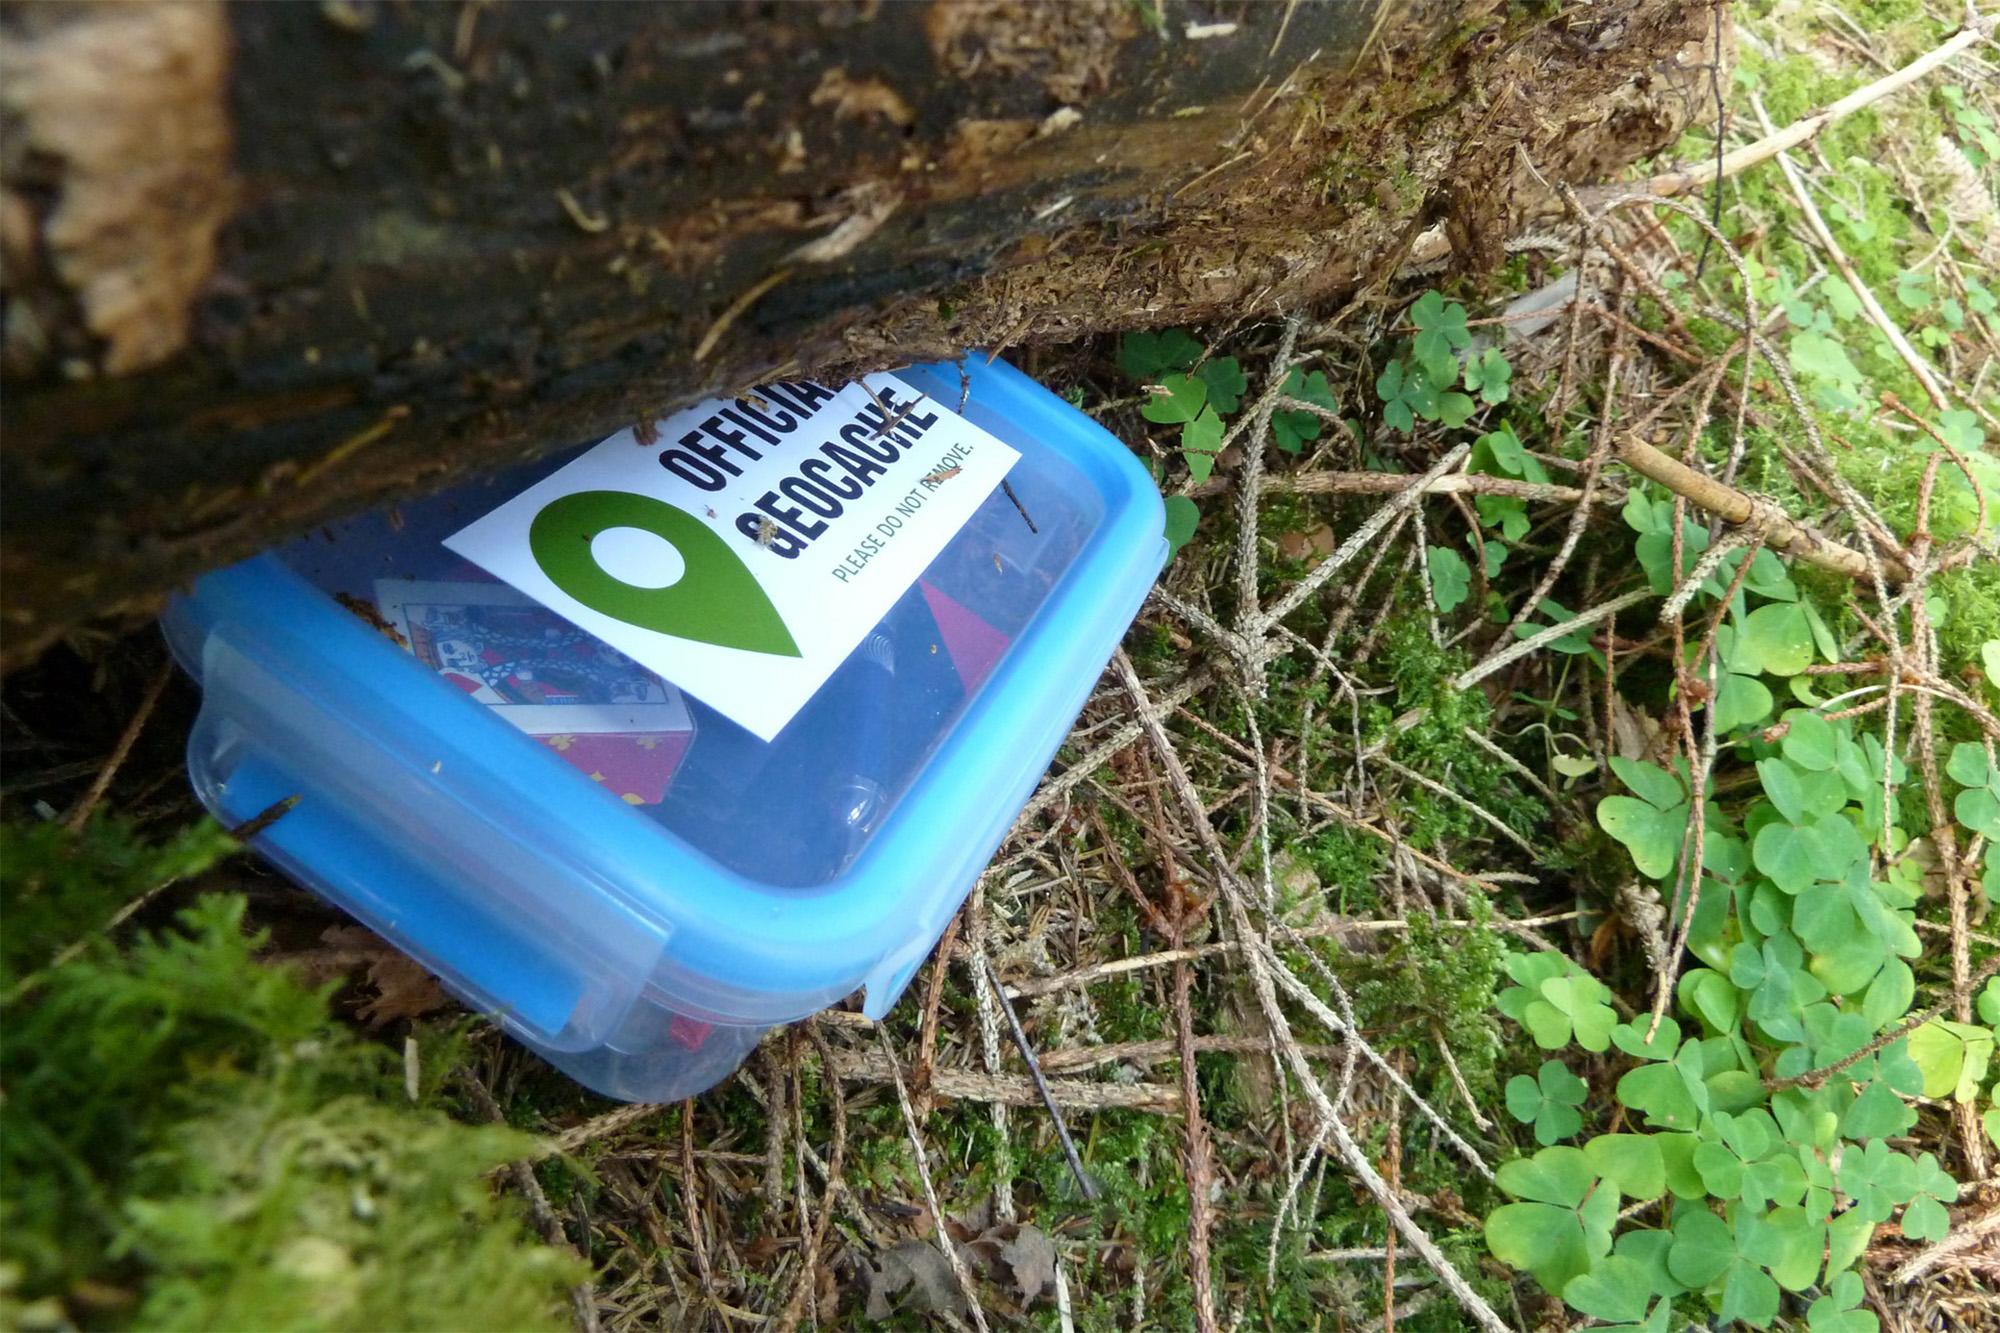 Ein Geocache - gefunden dank eines GPS-Geräts für Wanderer und Fußgänger